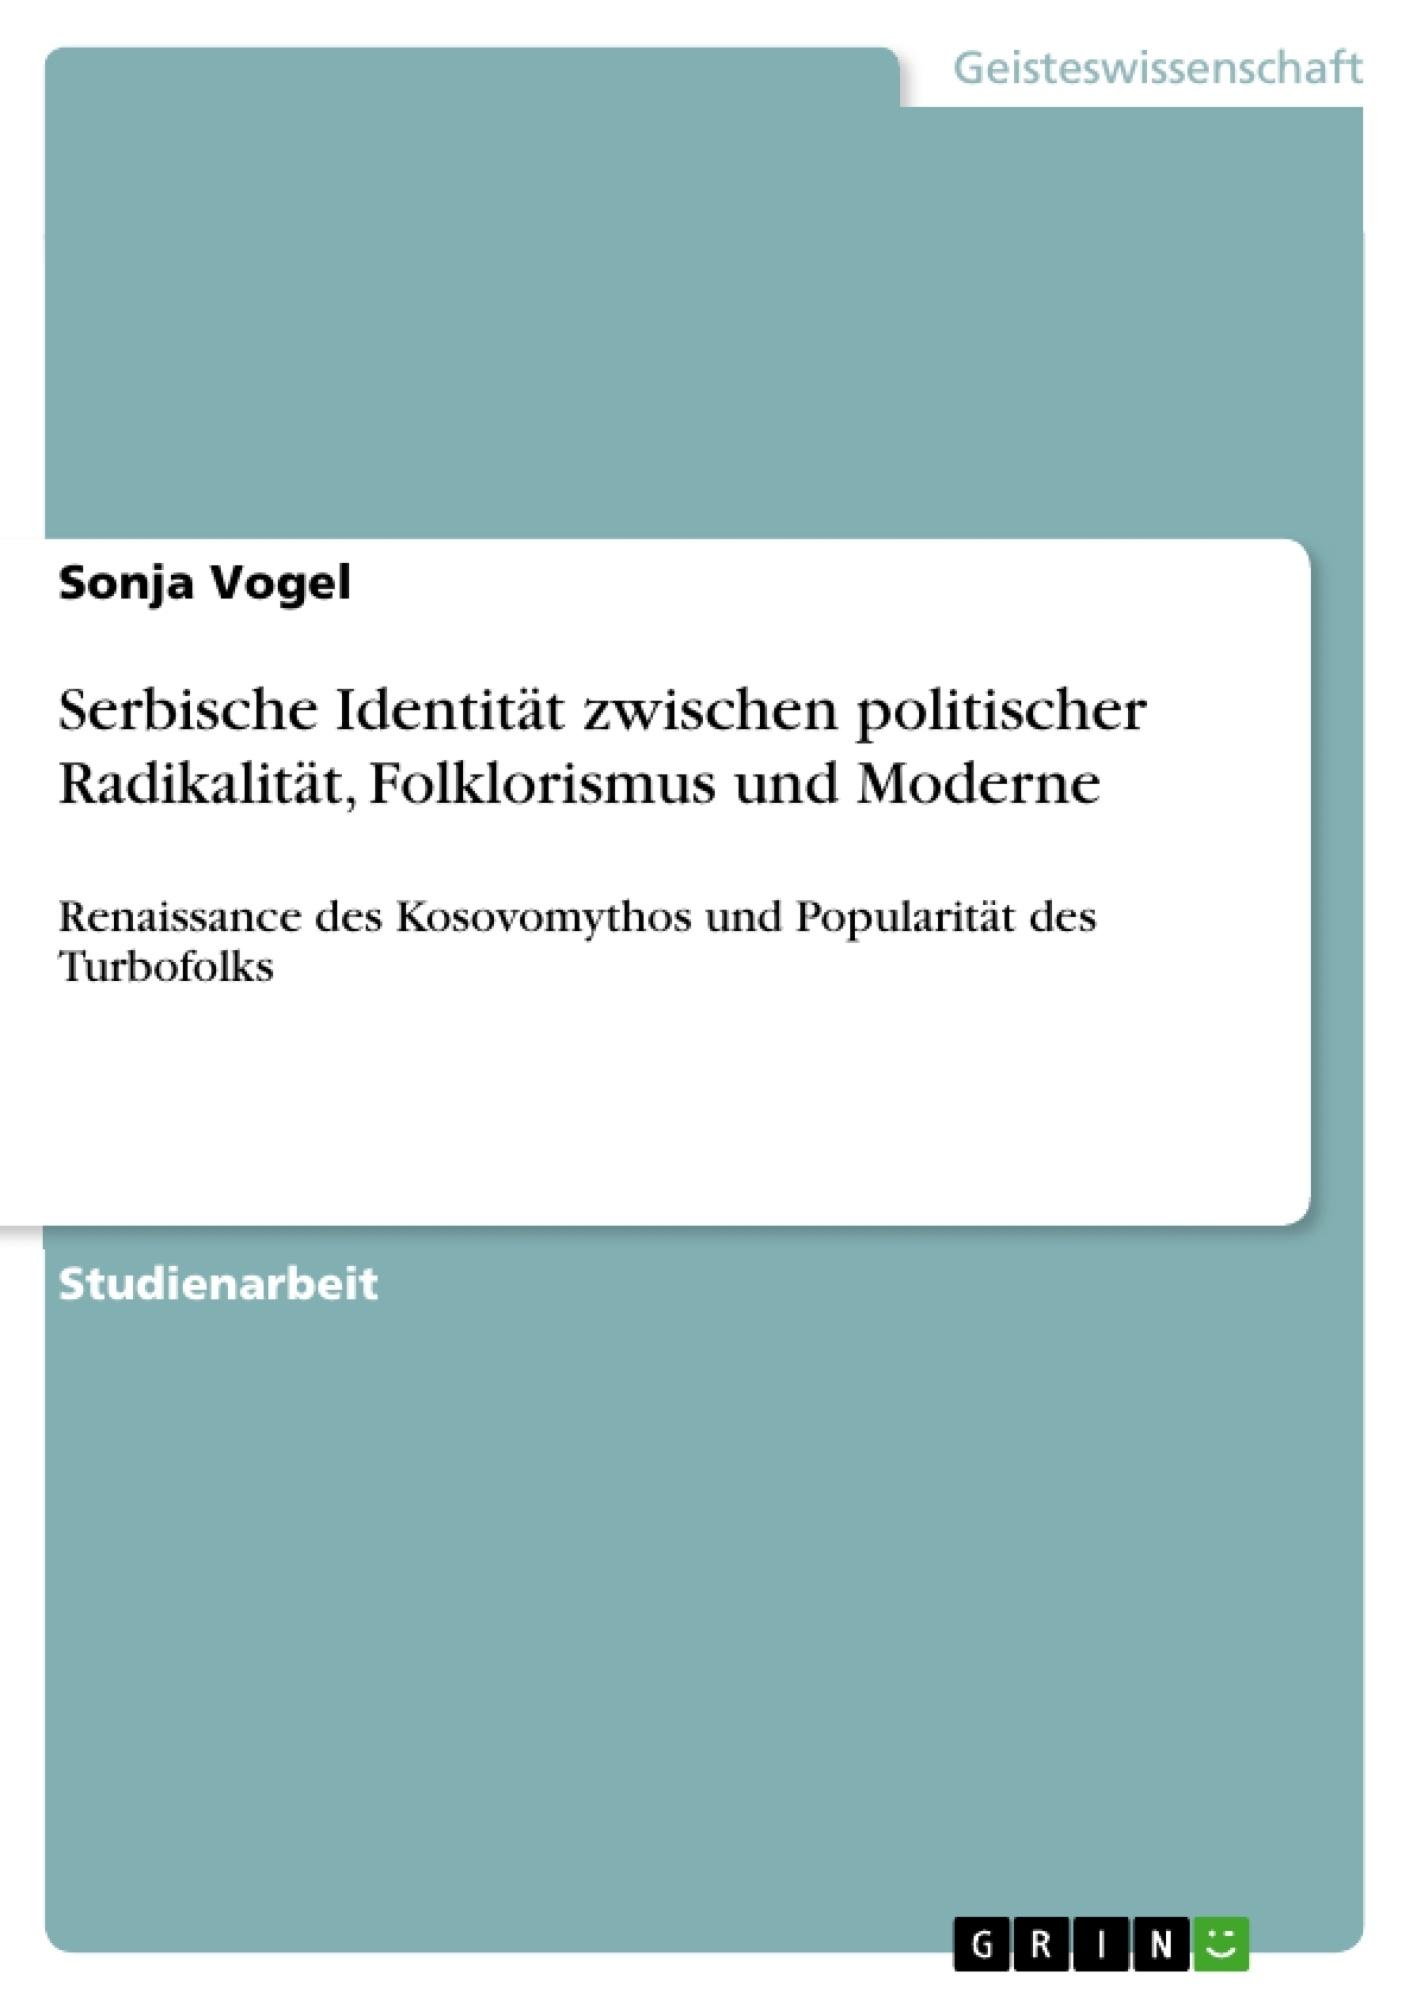 Titel: Serbische Identität zwischen politischer Radikalität, Folklorismus und Moderne